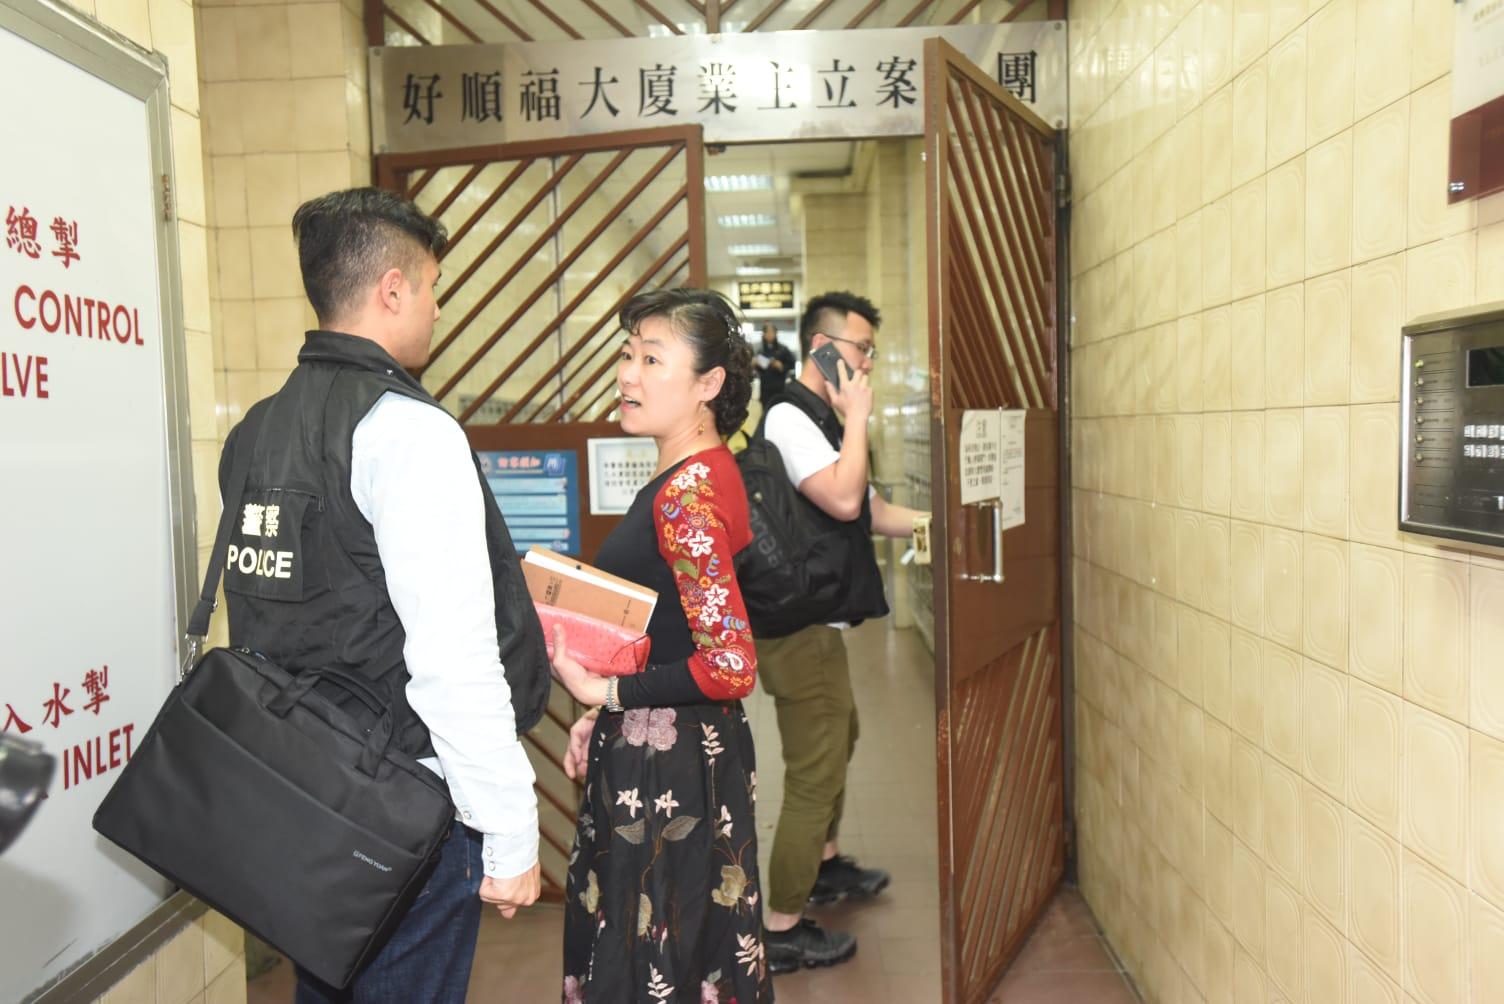 元朗警區總督察葉文儀到場調查。